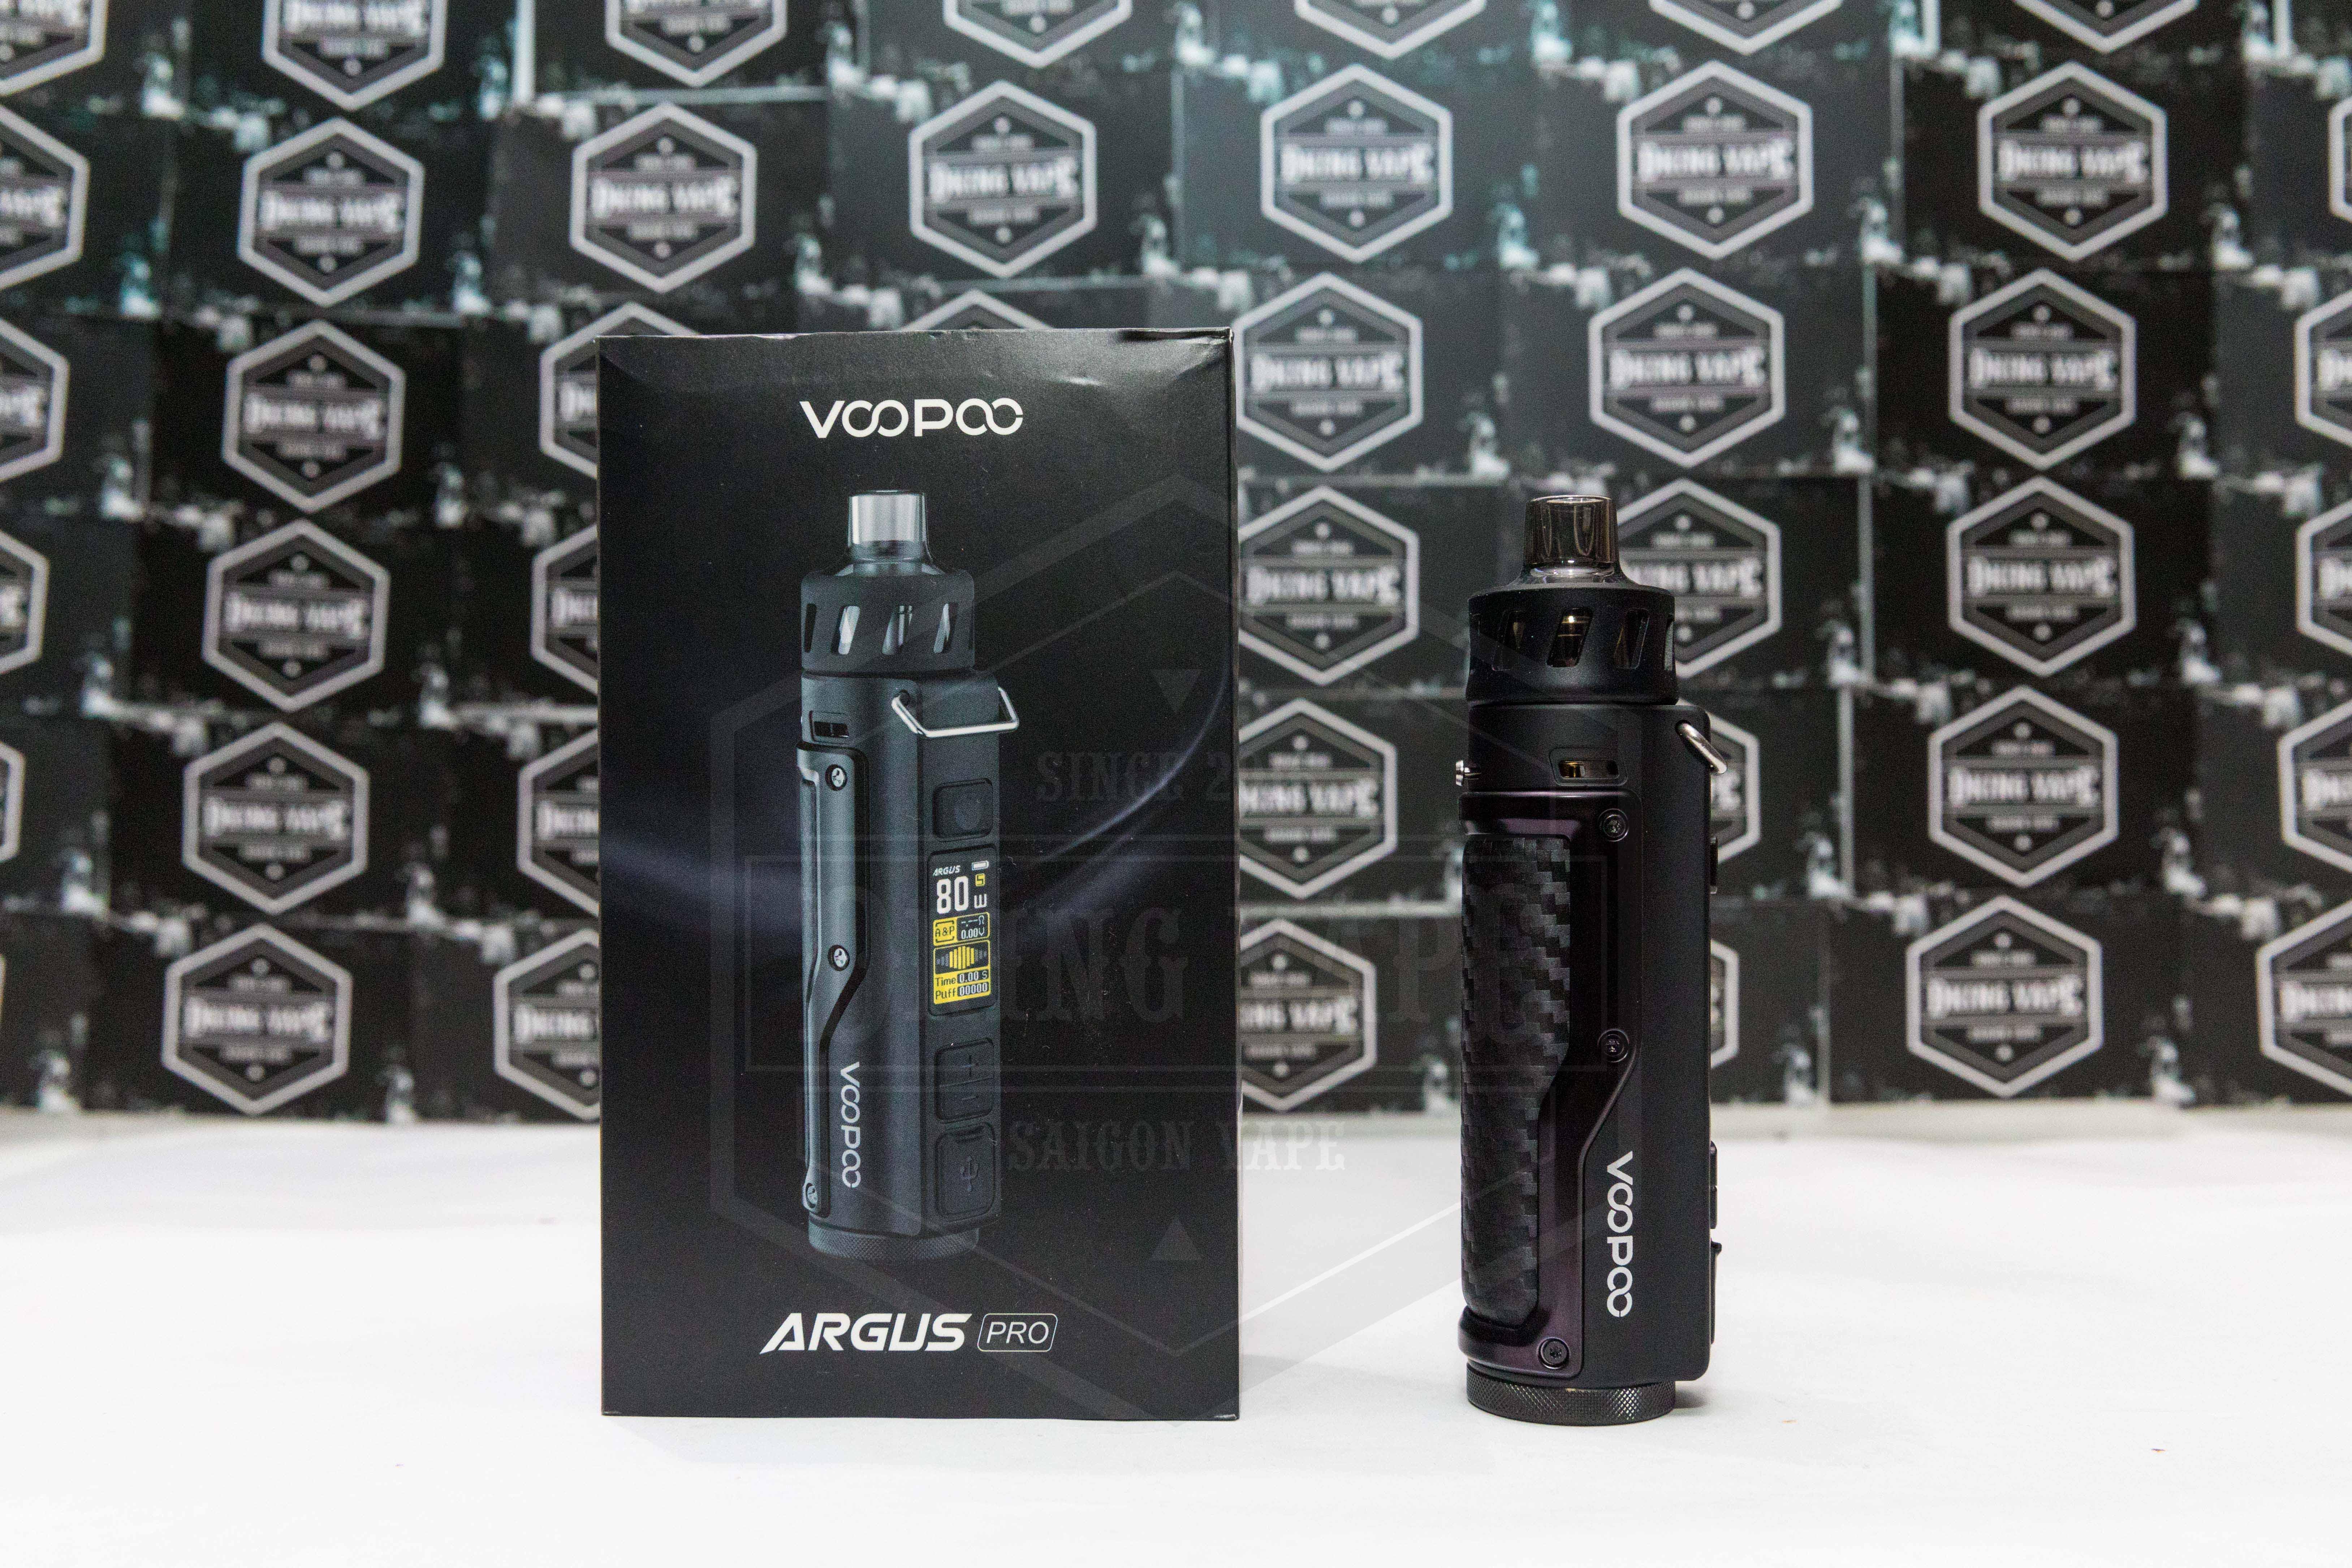 Voopoo Argus Pro Pod Mod Kit 80w